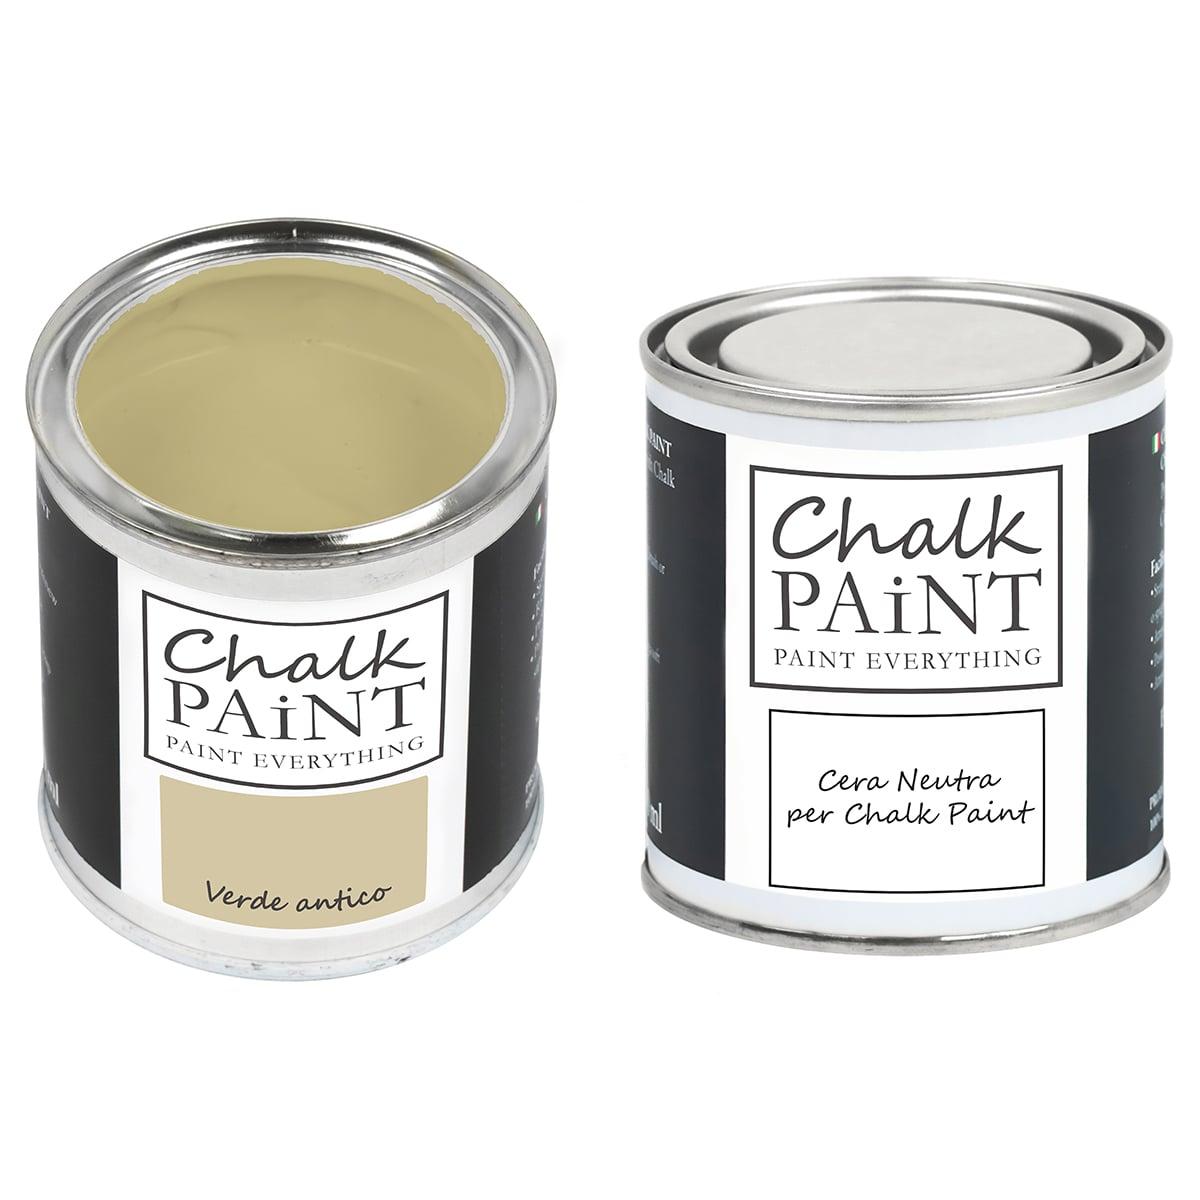 Verde antico Chalk paint e cera in offerta decora facile con paint magic